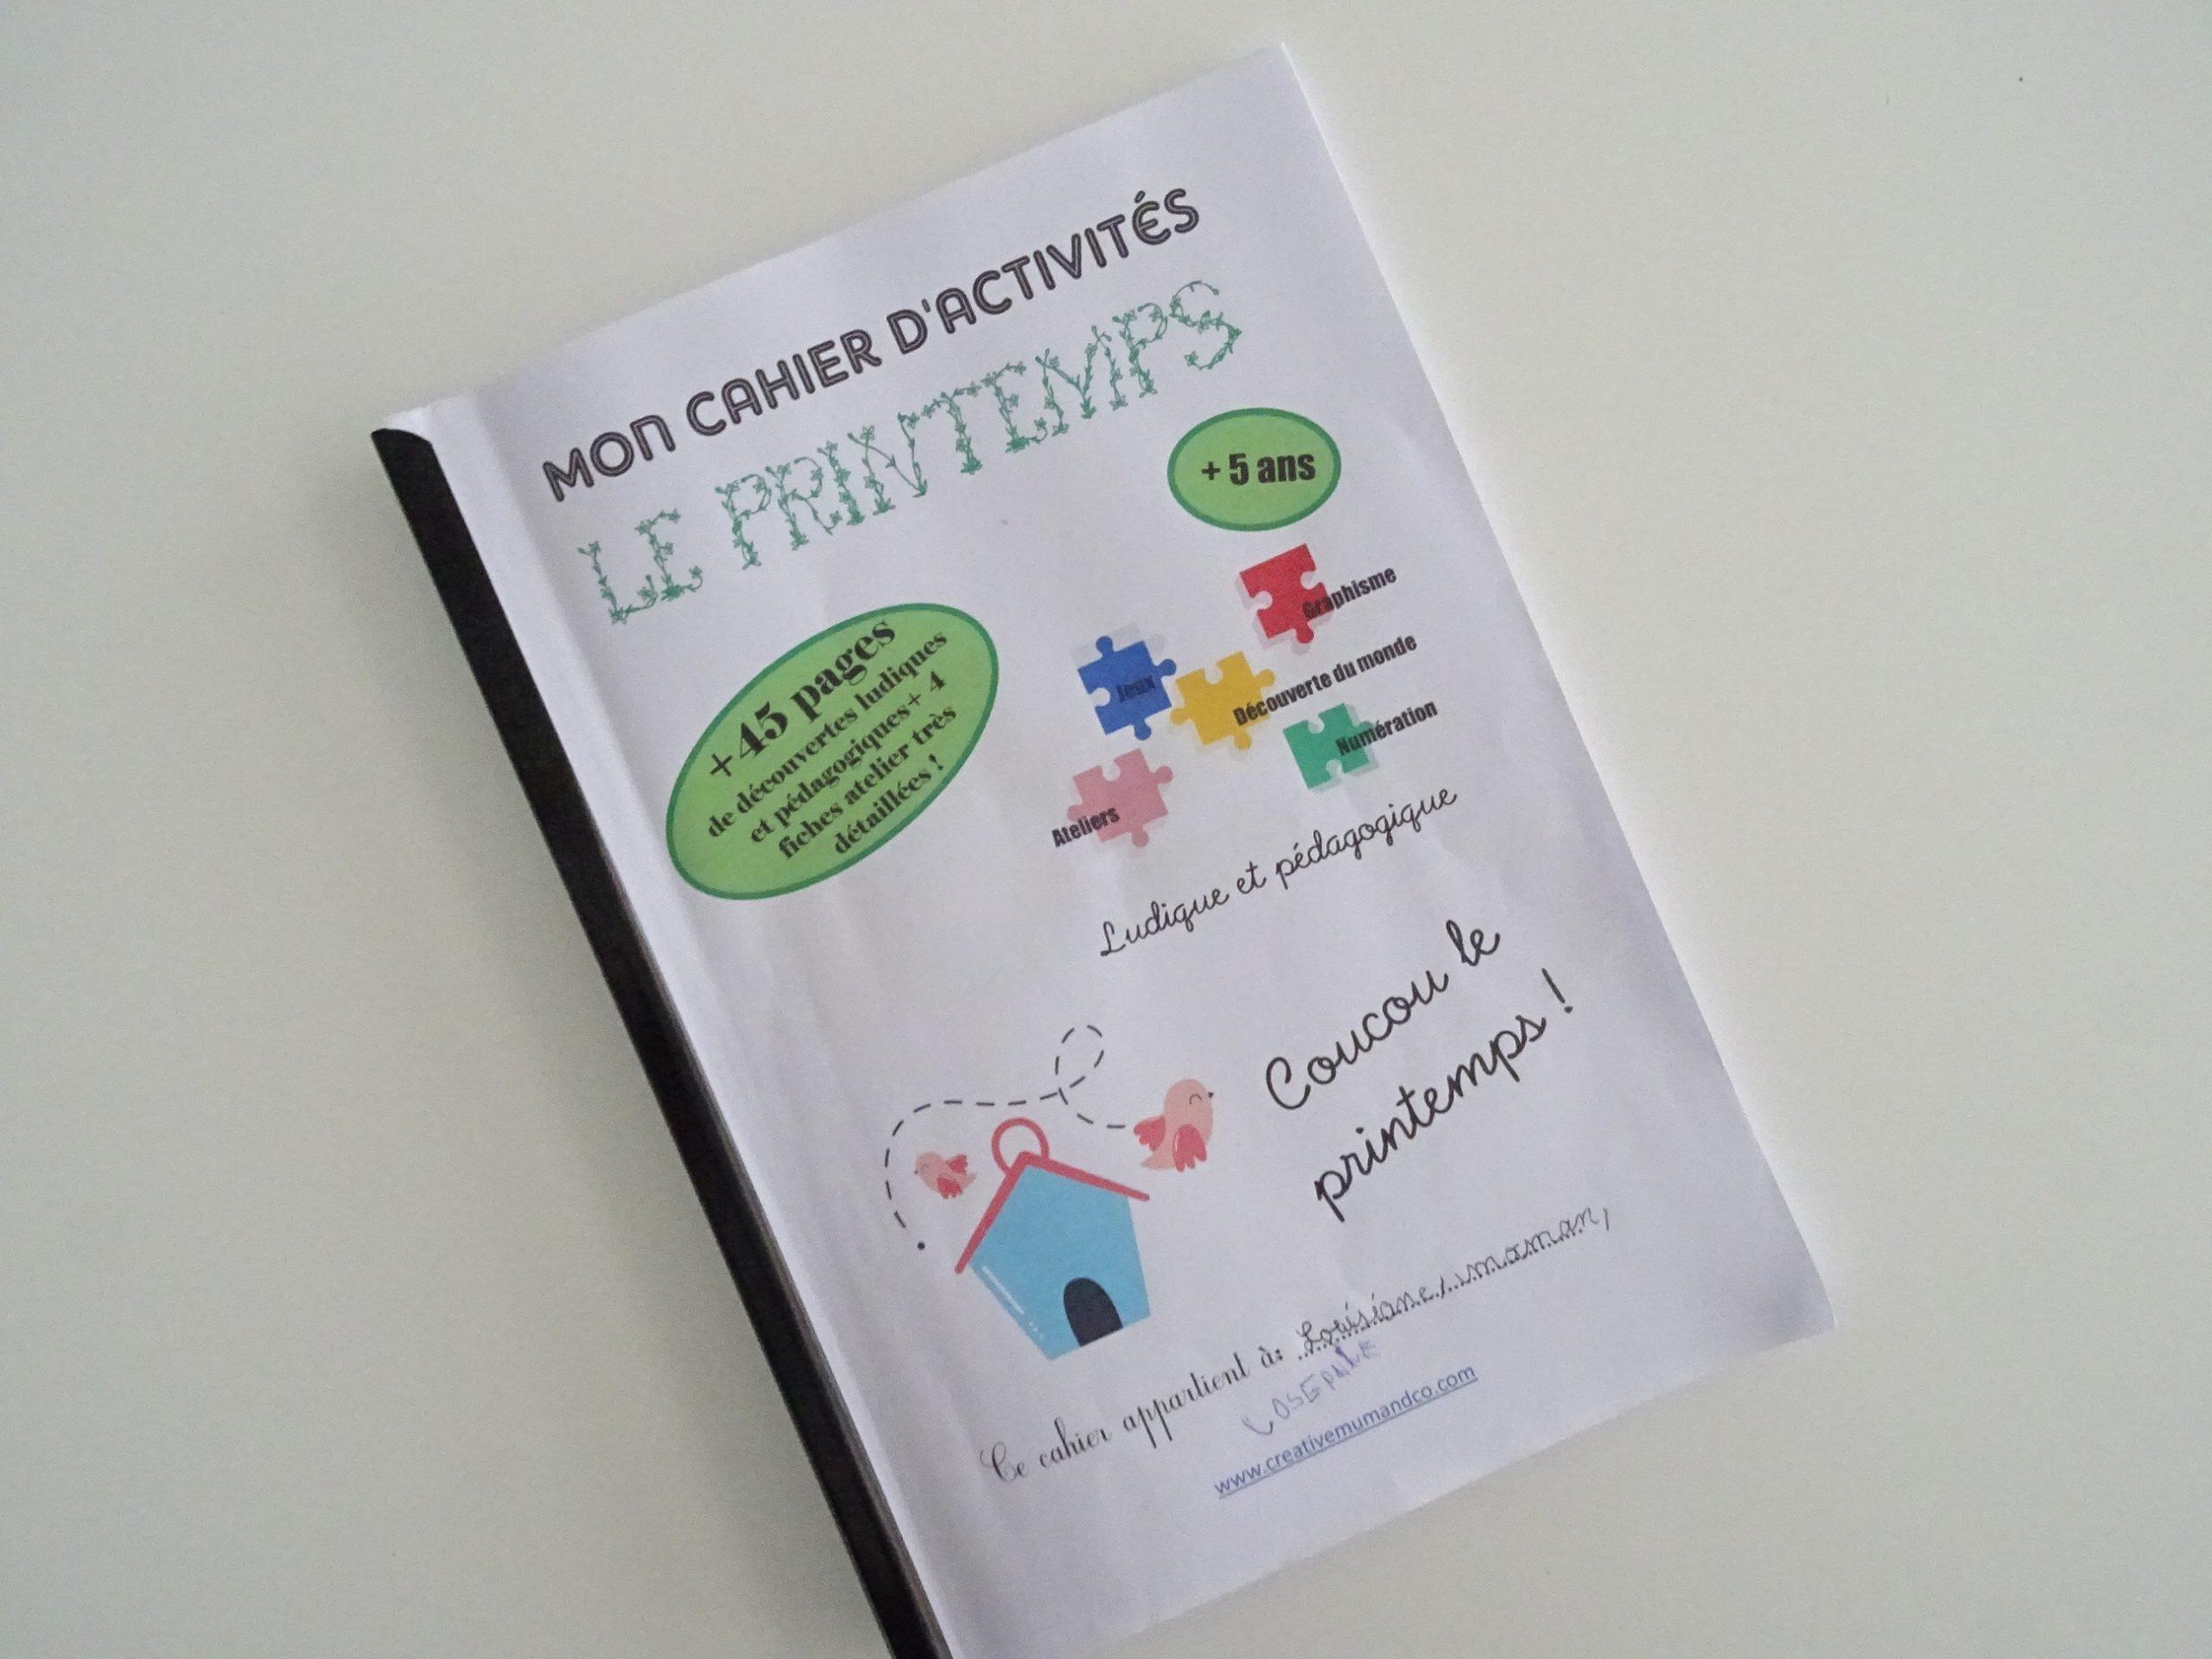 Pdf] Un Cahier D'activités Spécial Printemps À Télécharger tout Activité Ludique Maternelle